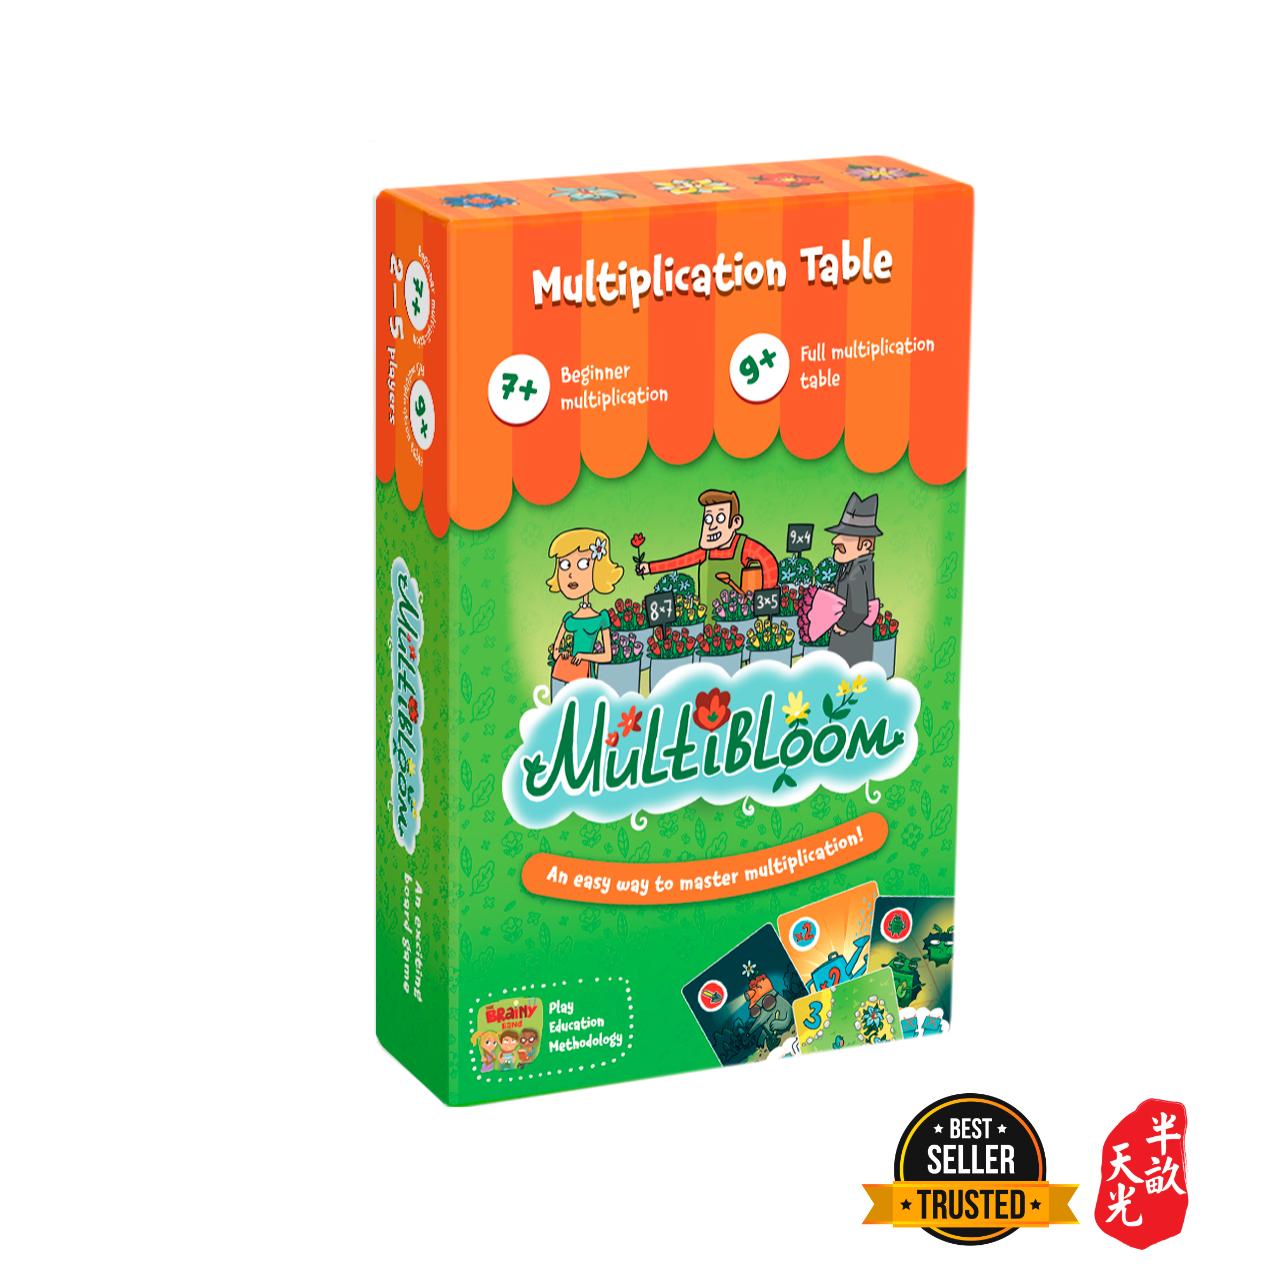 儿童桌游/正版桌游/数学游戏:魔法花店 Multibloom